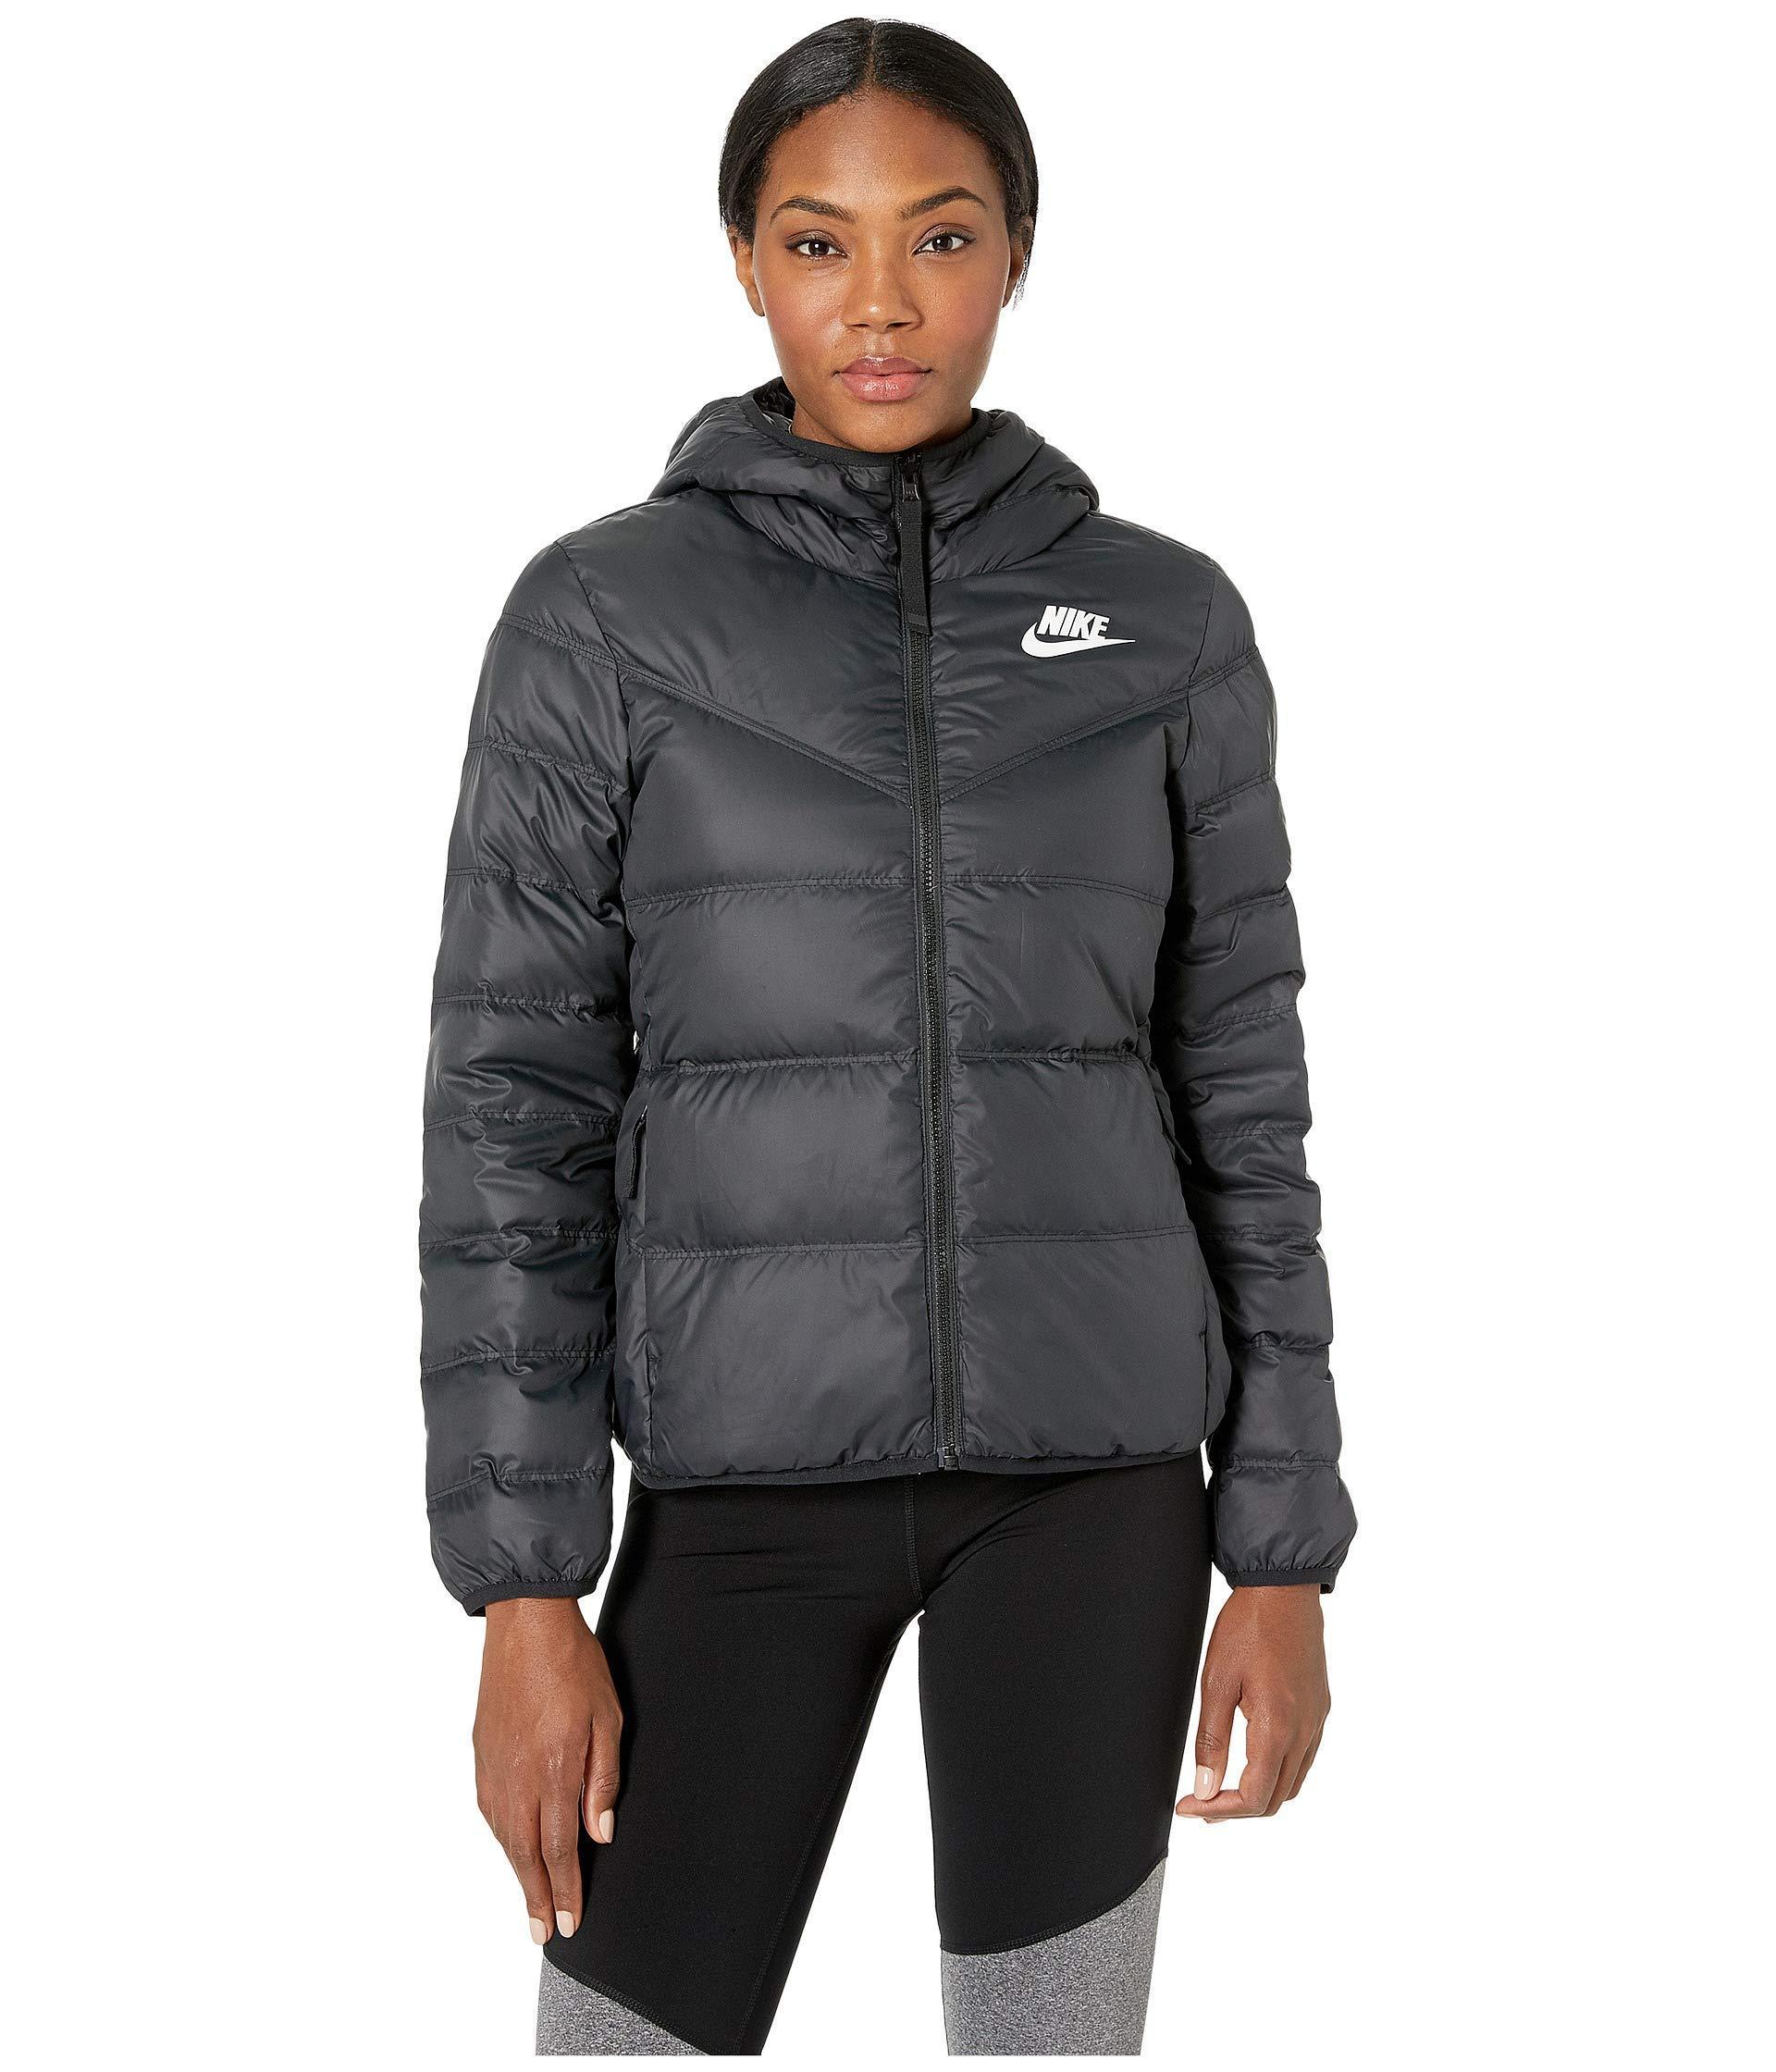 d49aedba Nike Sportswear Windrunner Down Fill Jacket Reversible in Black - Lyst